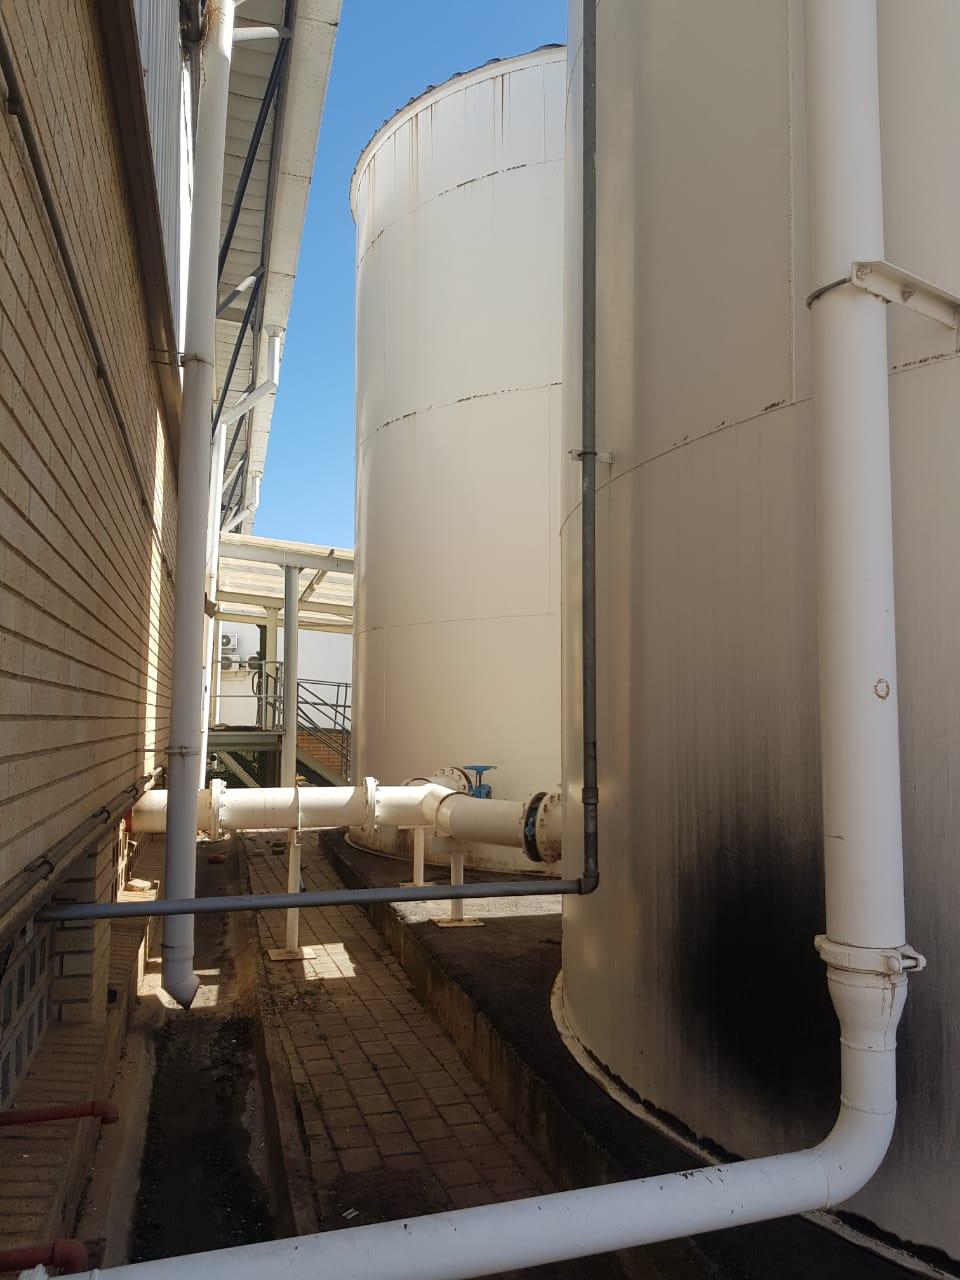 250 000 liter water tanks x 2